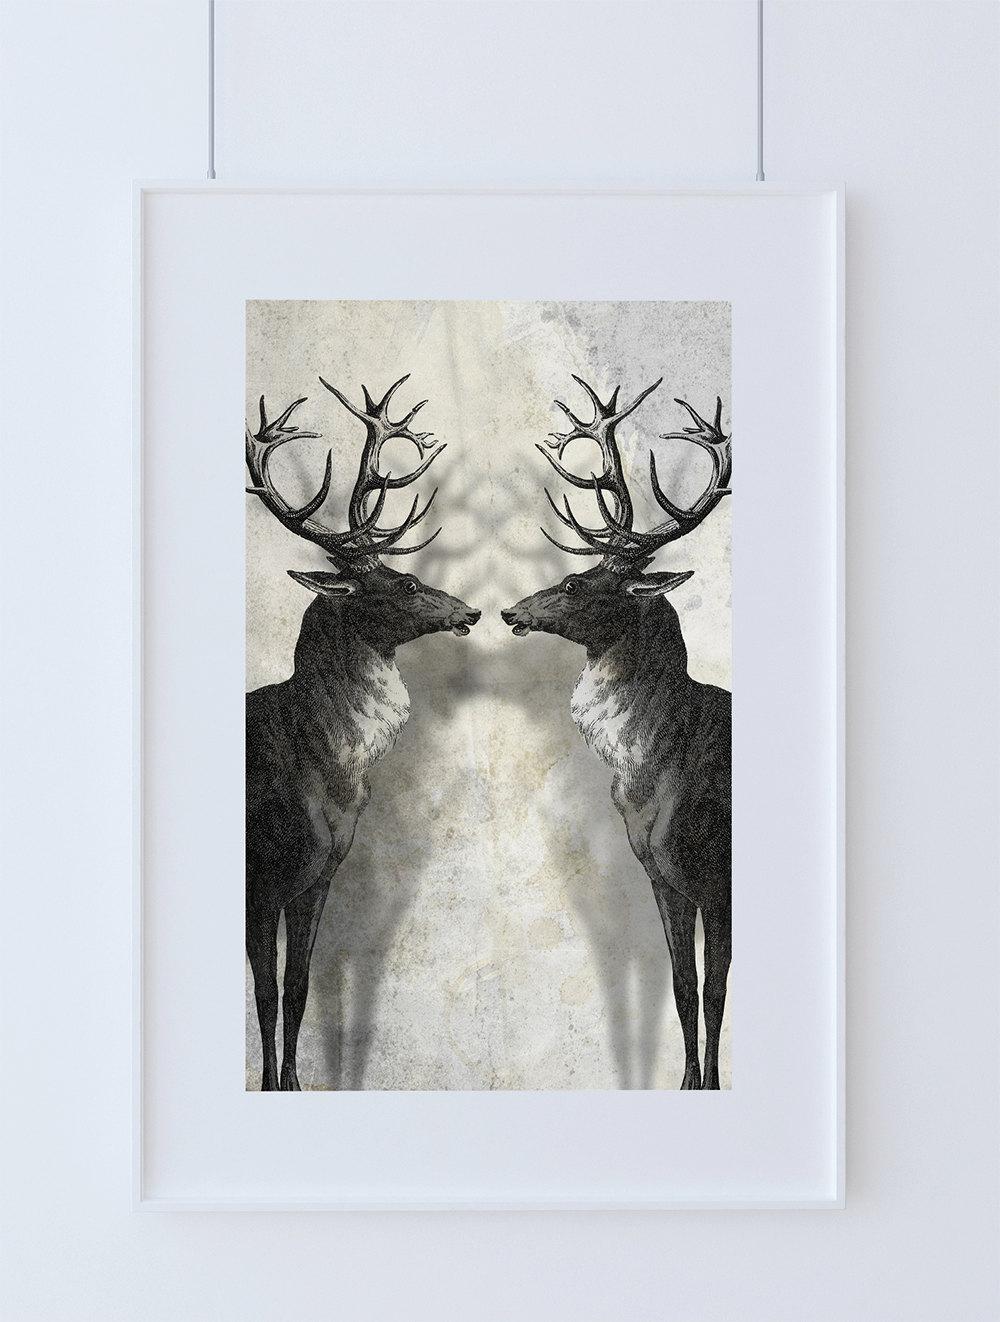 Deer Print Deer Antlers Stag Print Wall Art Giclee Print On Satin